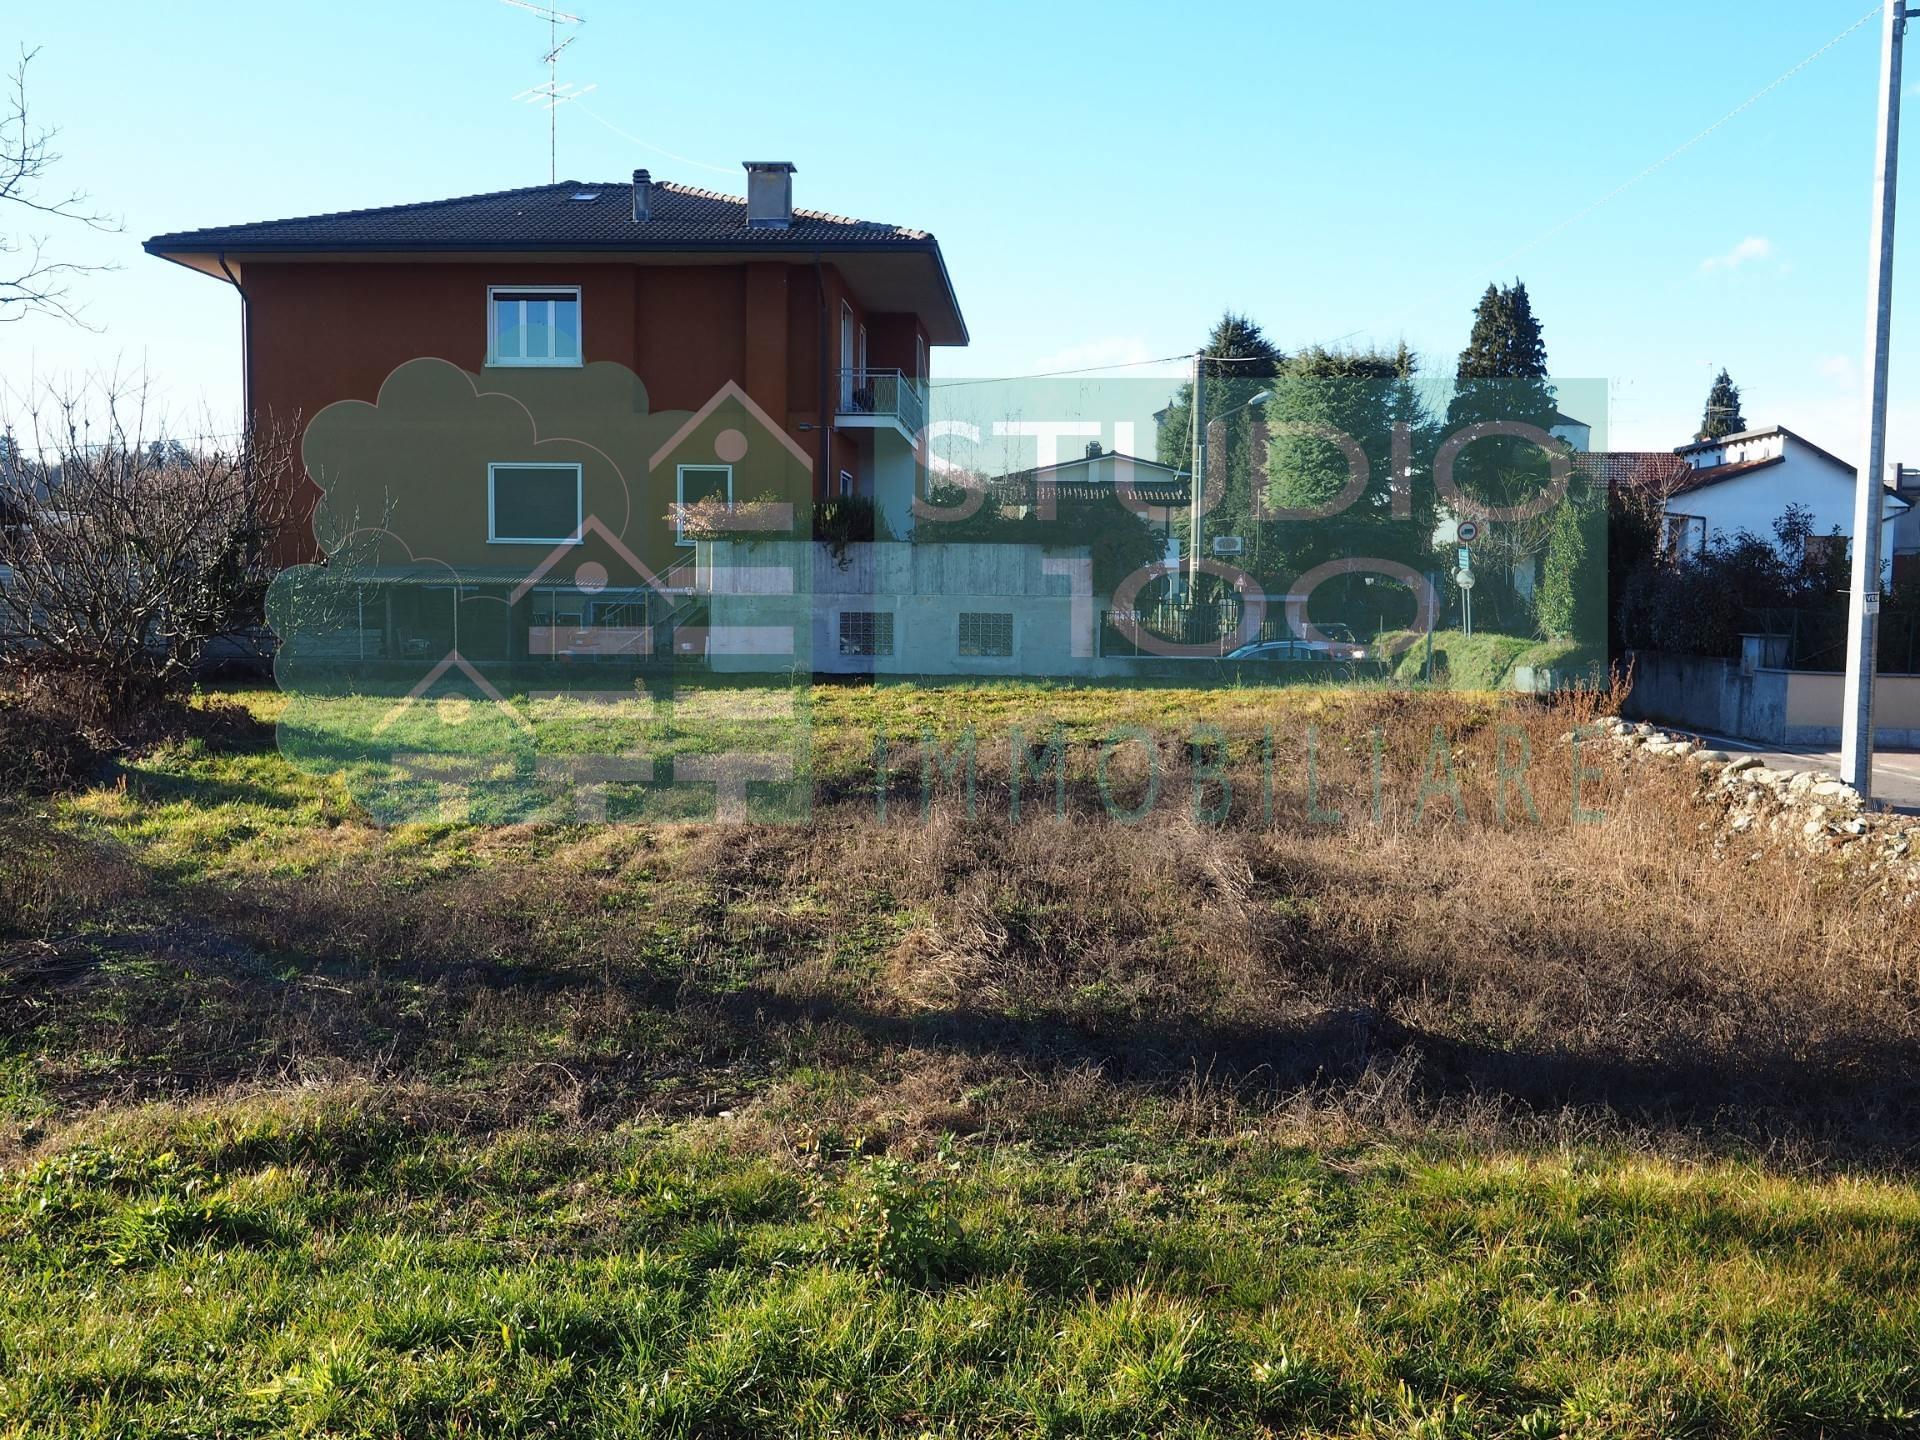 Terreno Edificabile Residenziale in vendita a Somma Lombardo, 9999 locali, prezzo € 98.000 | CambioCasa.it